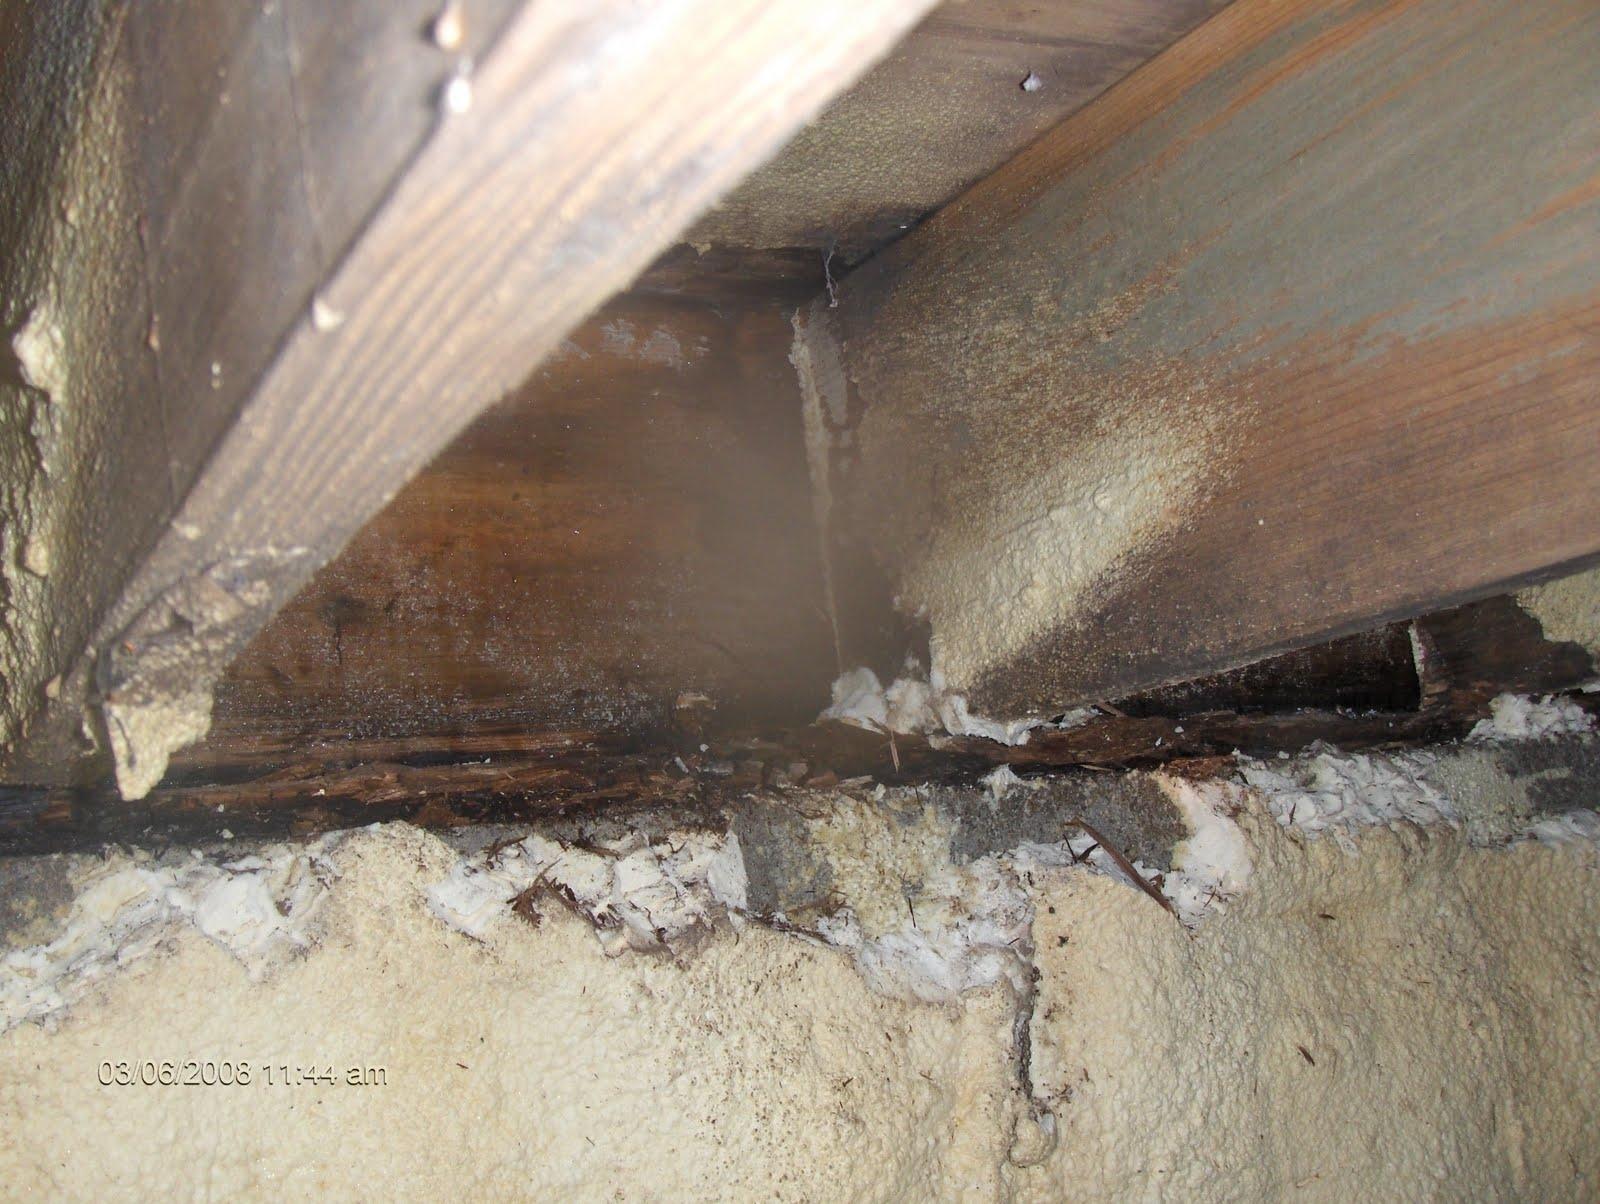 Insulate Basement Floor Or Not